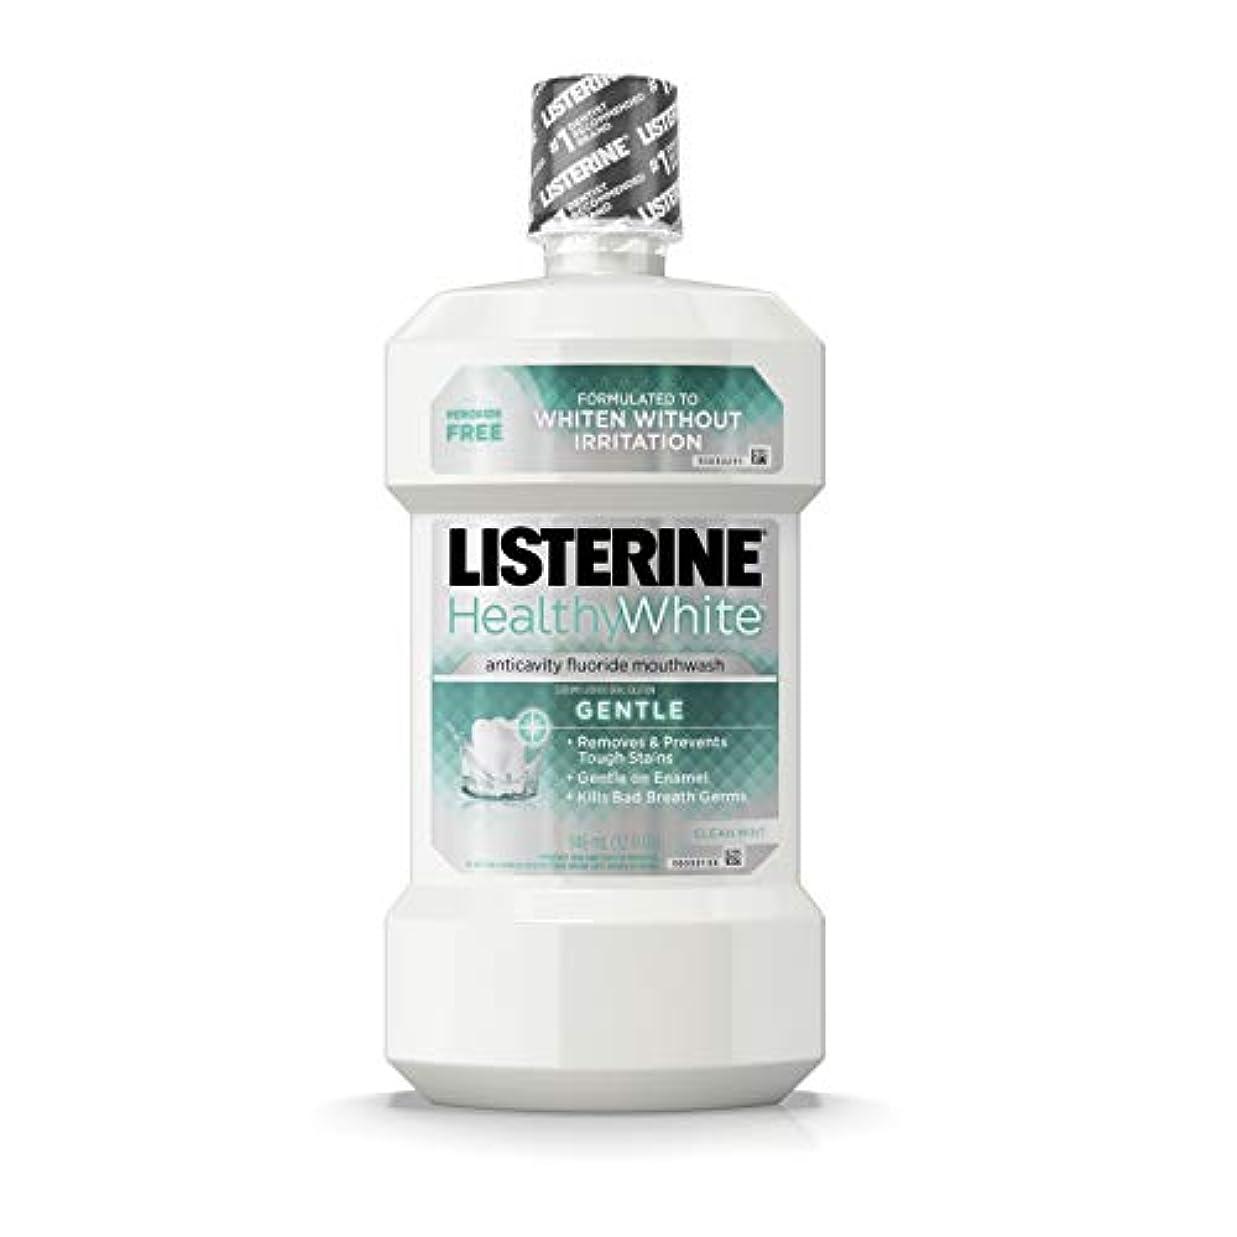 エアコン報告書デンマーク語Listerine ジェントルクリーンマウスウォッシュ - クリーンミント 1パック